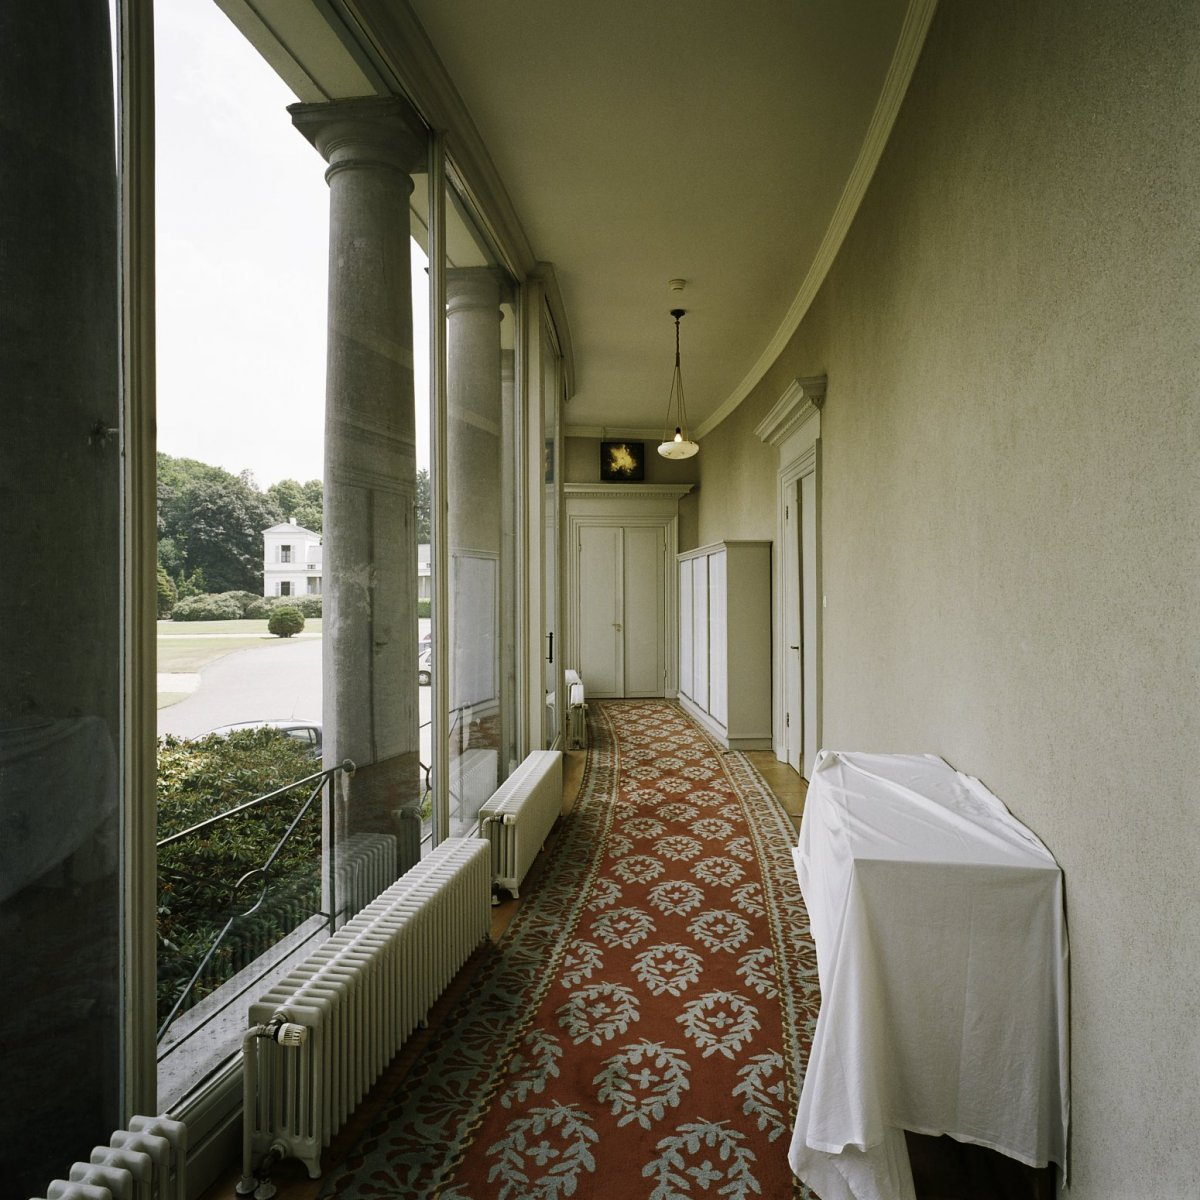 File:Interieur, overzicht van de colonnade van de Baarnse vleugel ...